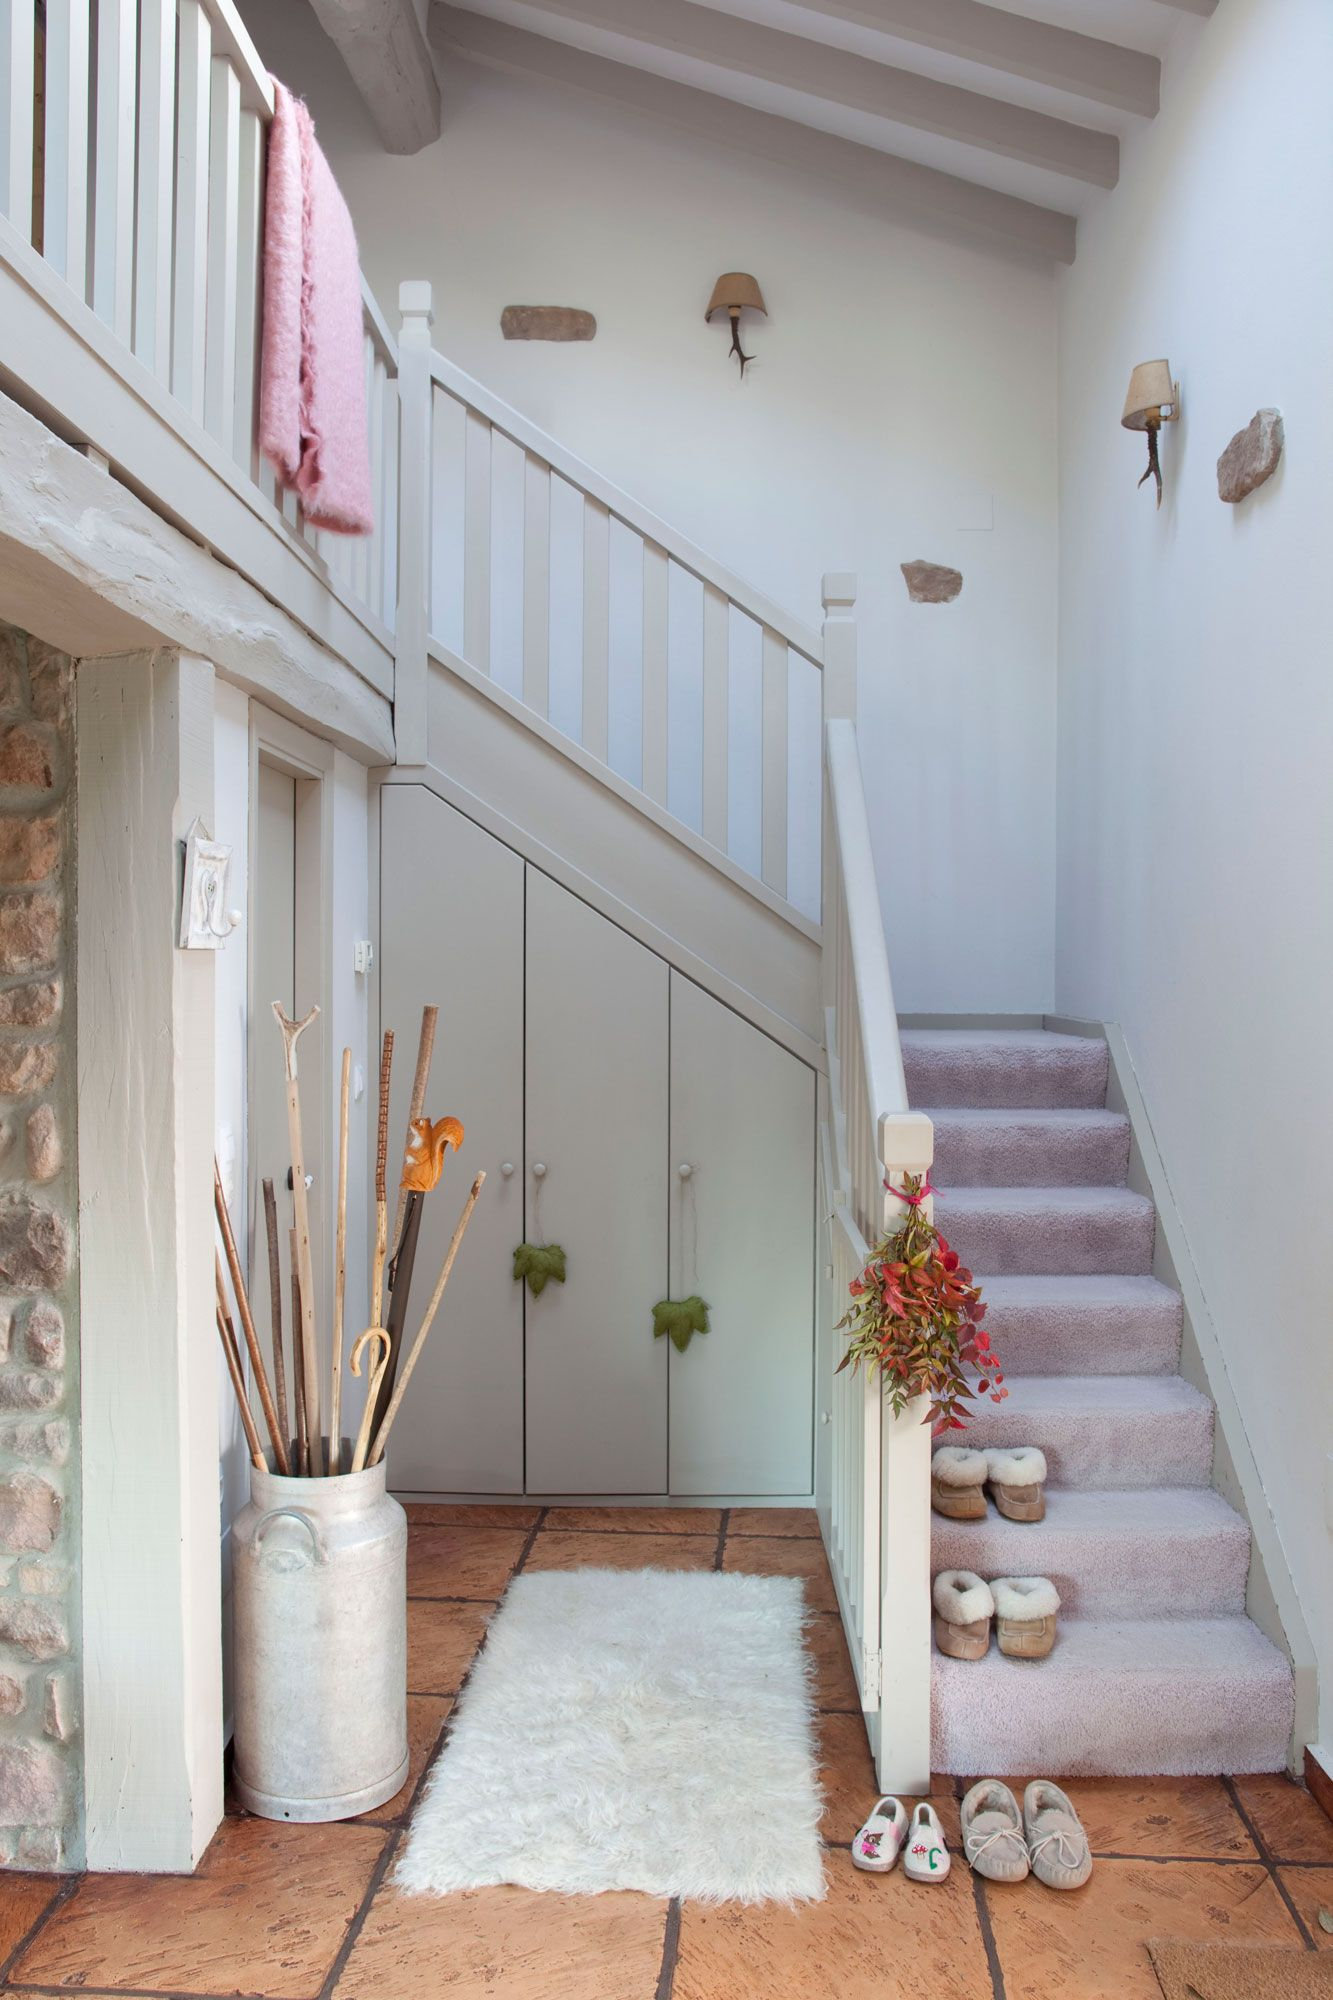 Recibidor r stico con armario a medida bajo la escalera for Closet con escalera